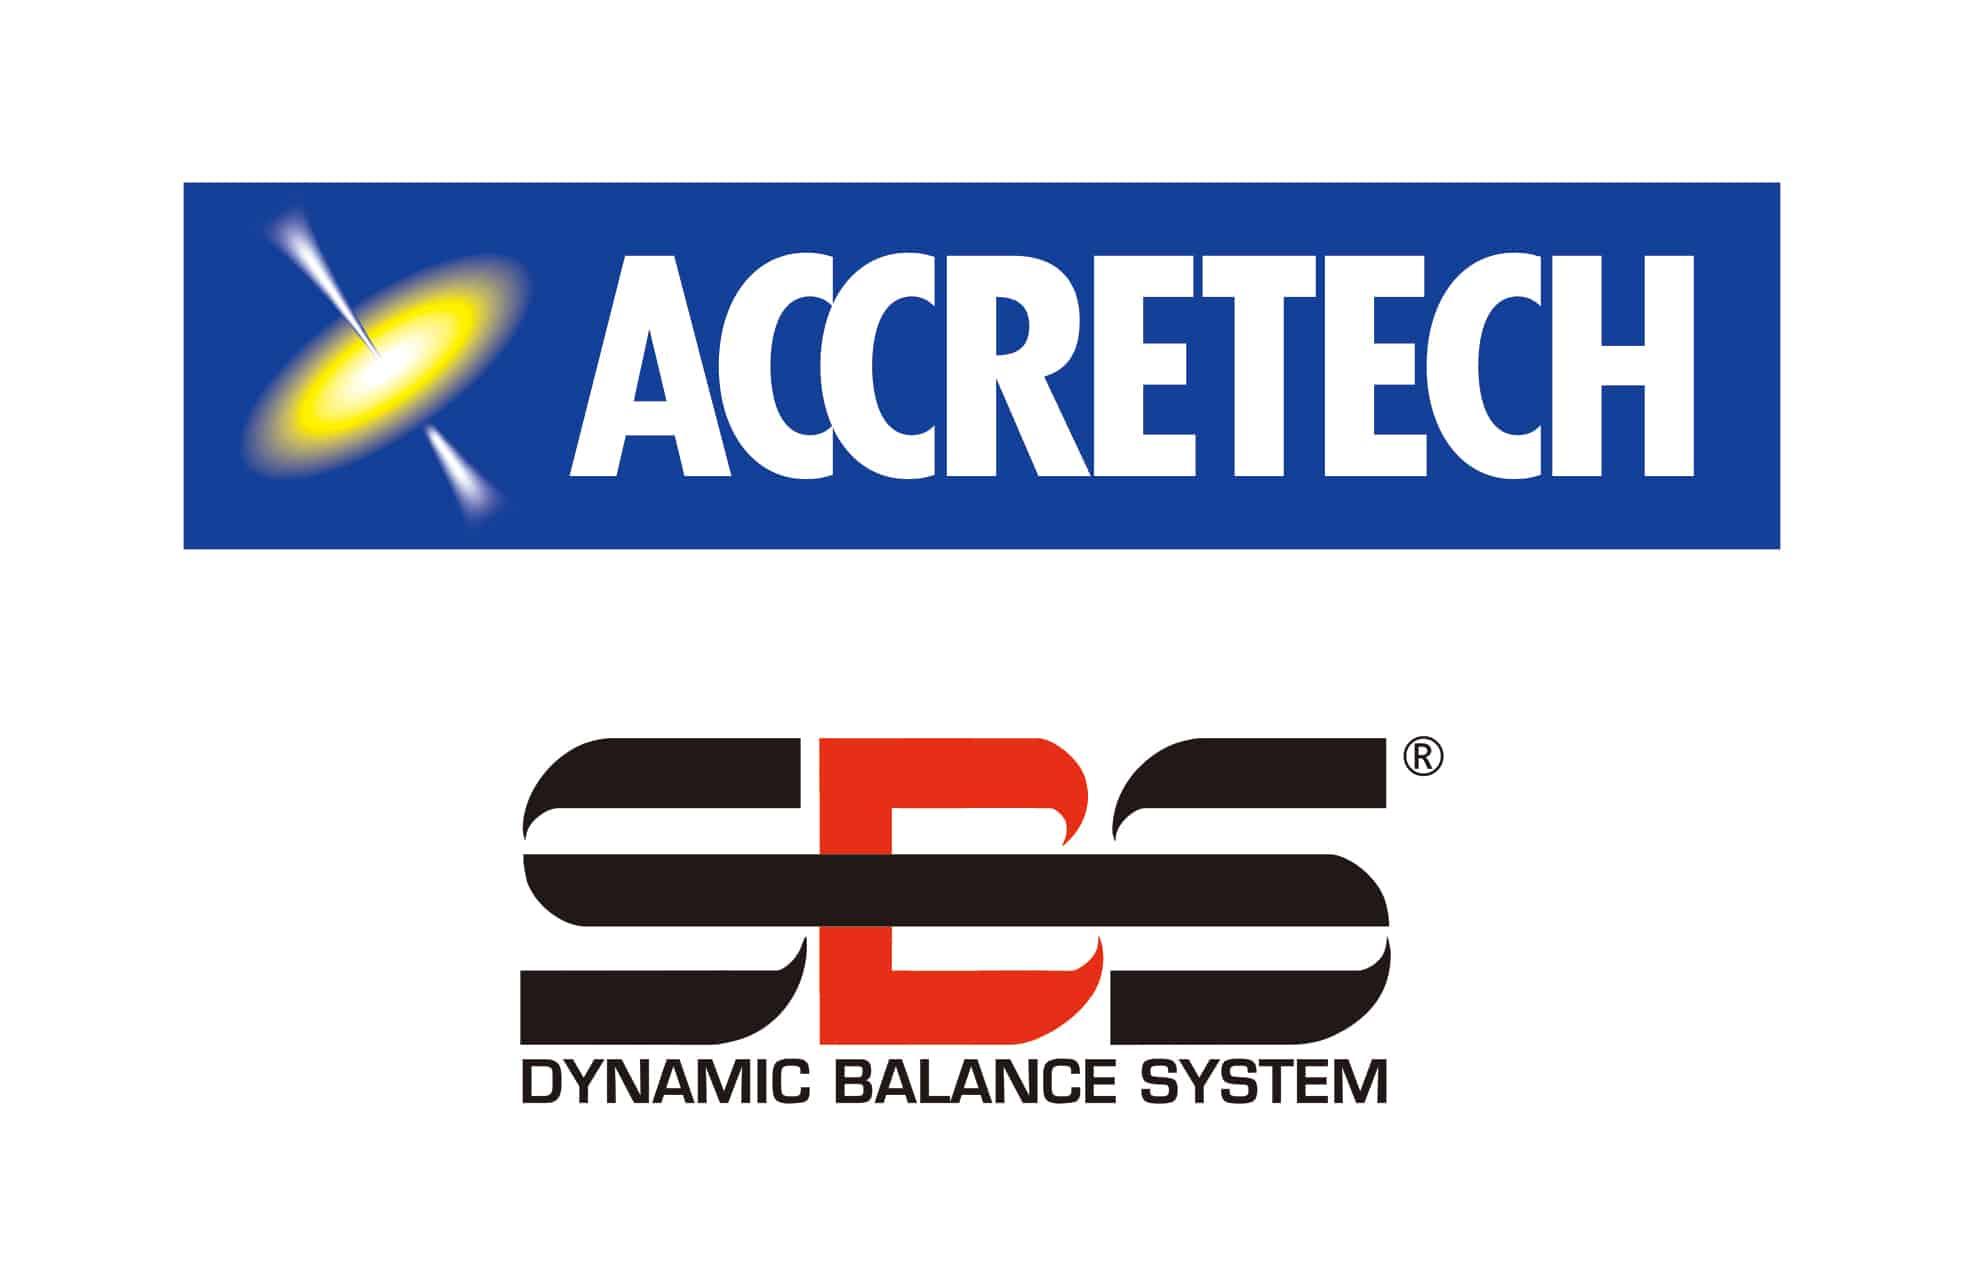 Logo,ACCRETECH,SBS